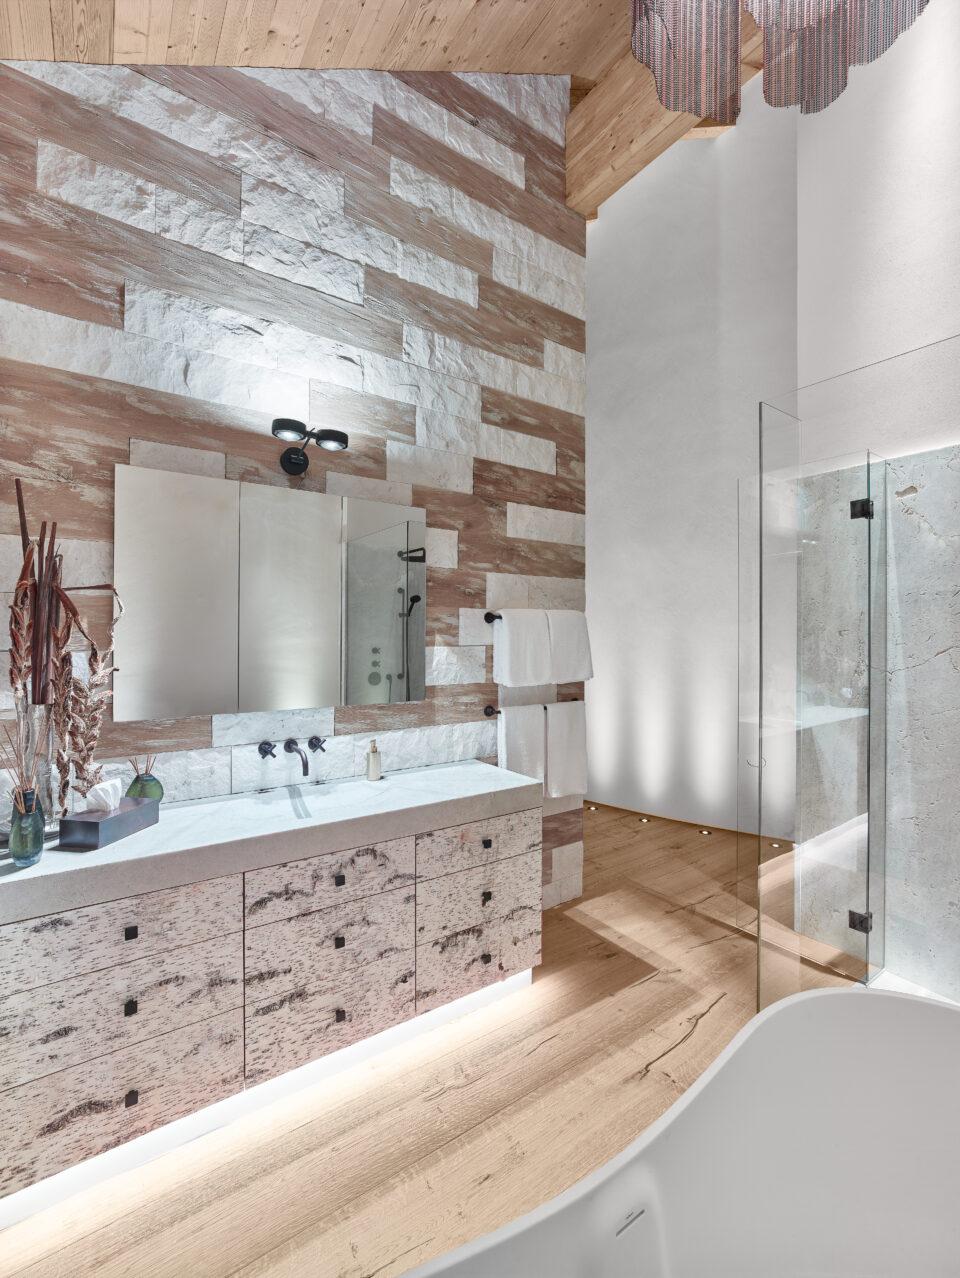 Weiße Naturstein Platten im Badezimmer